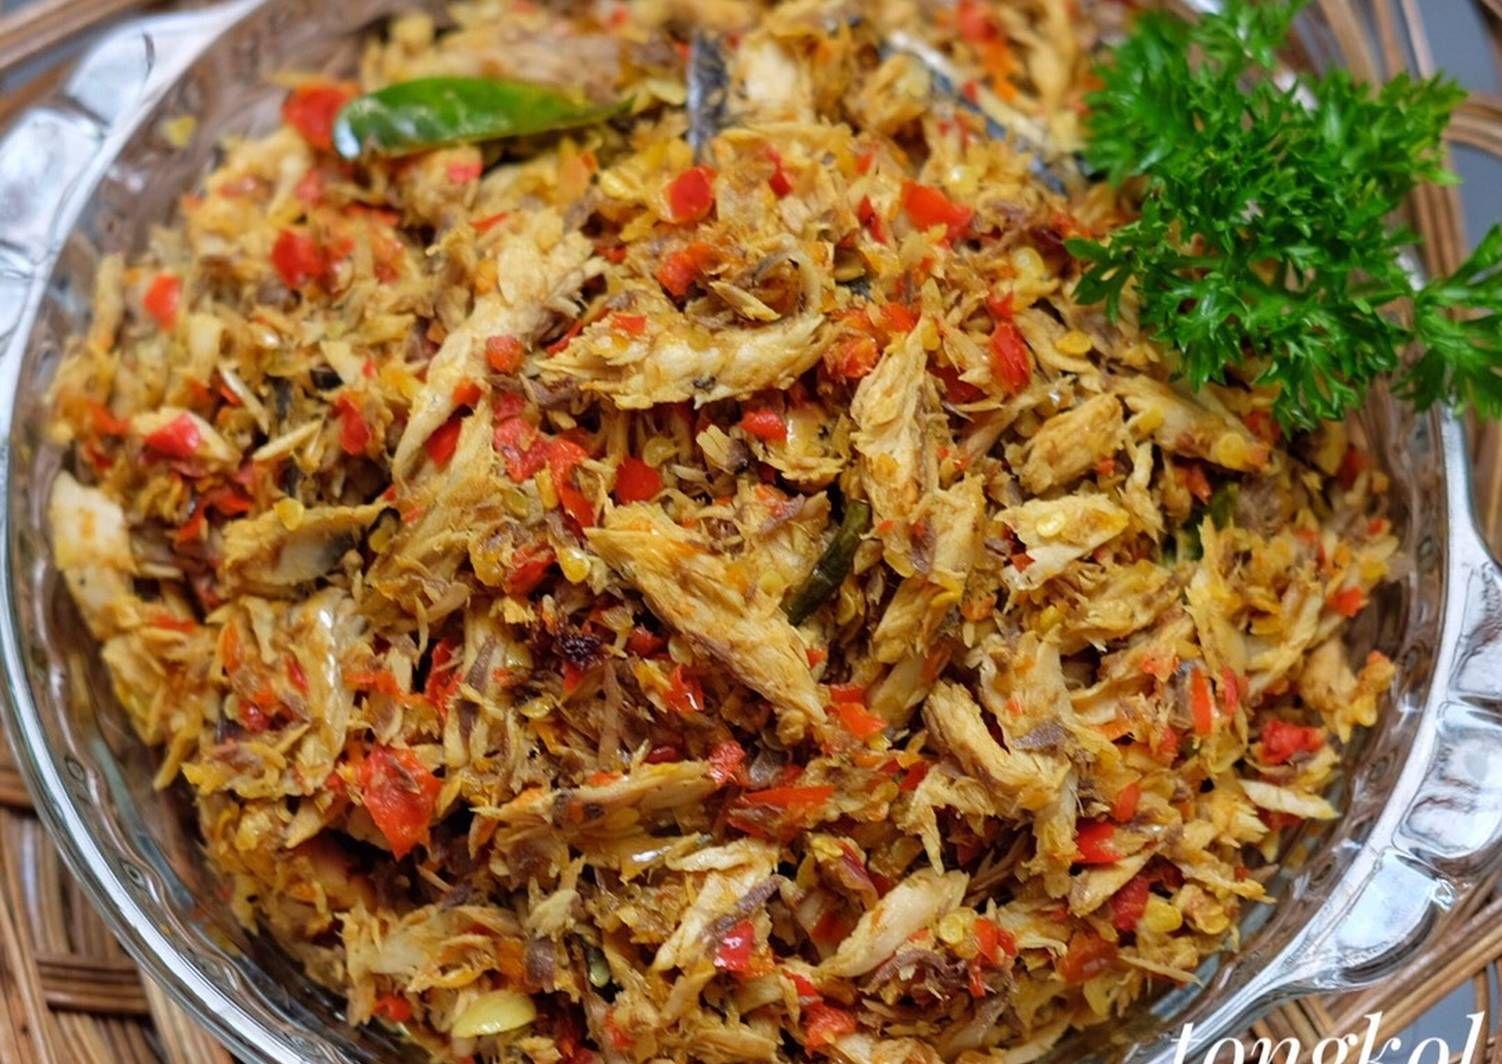 Resep Tongkol Suwir Pedas Oleh Susi Agung Resep Resep Masakan Resep Masakan